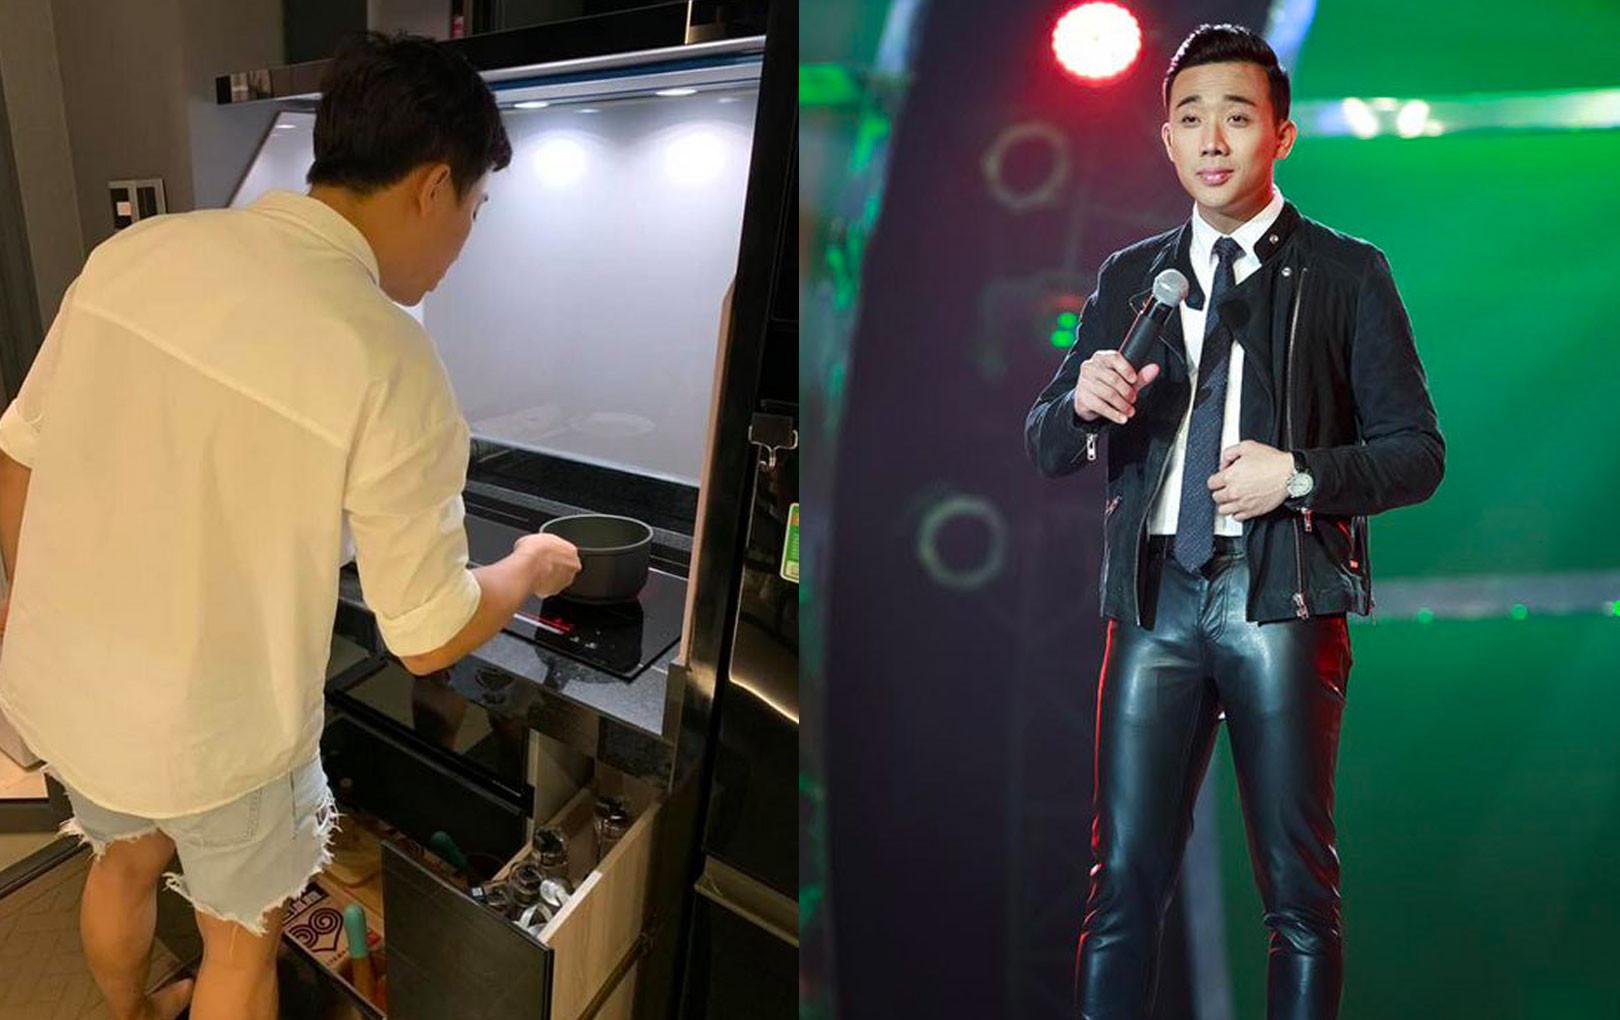 Fan tiếp tục trêu khi Trấn Thành diện quần 'sai quá sai', anh lại mượn của Hari mặc à?